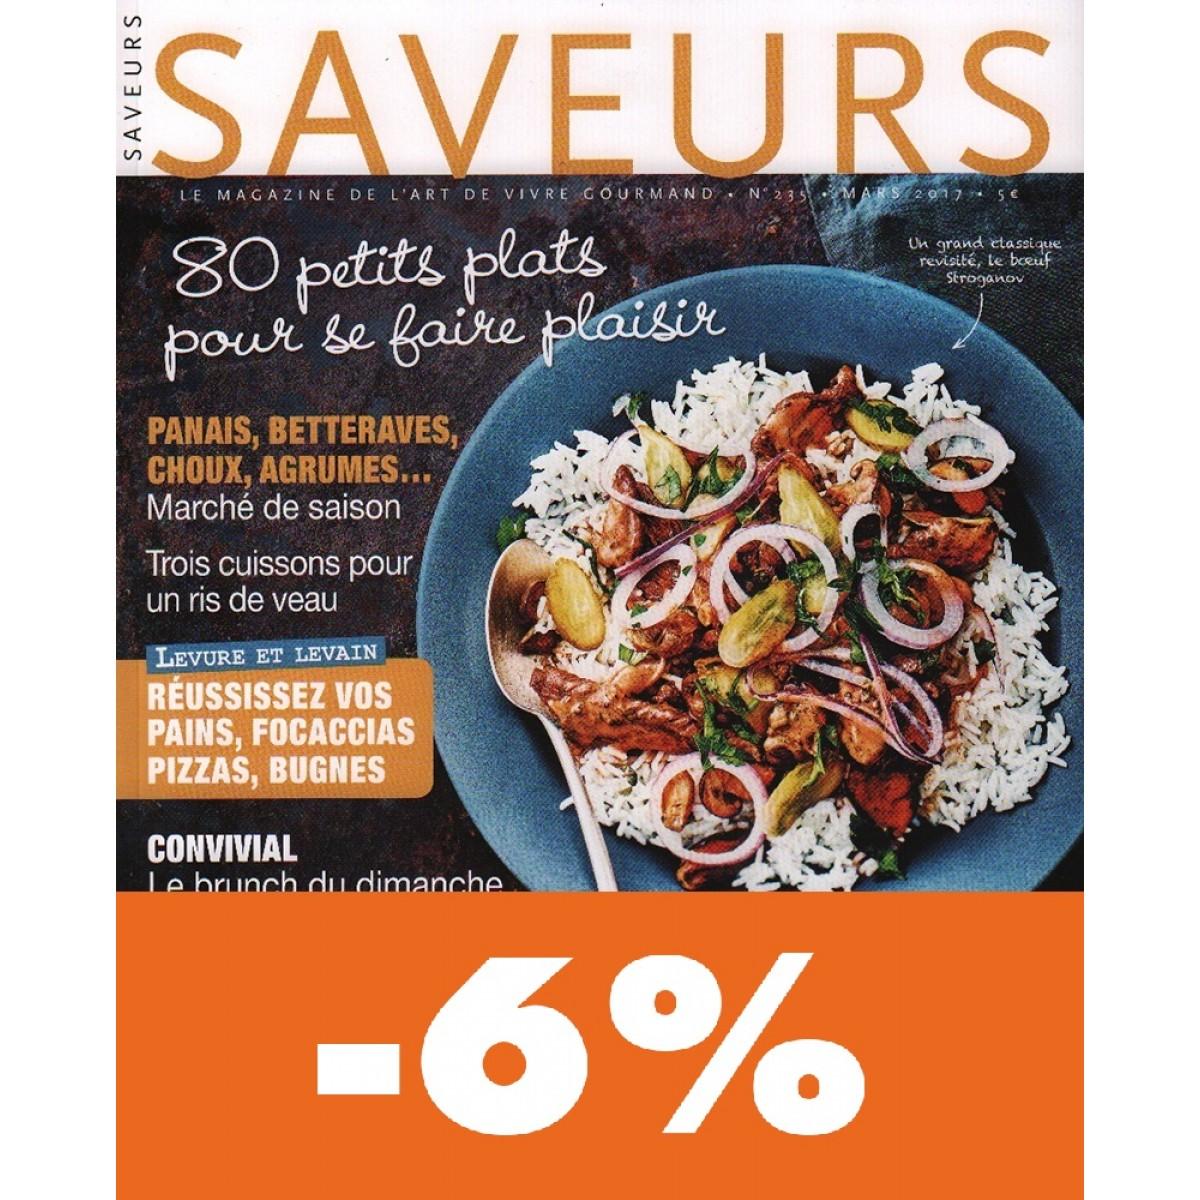 Favori → Abonnement Saveurs pas cher - Mag24 - Magazine Discount DG82